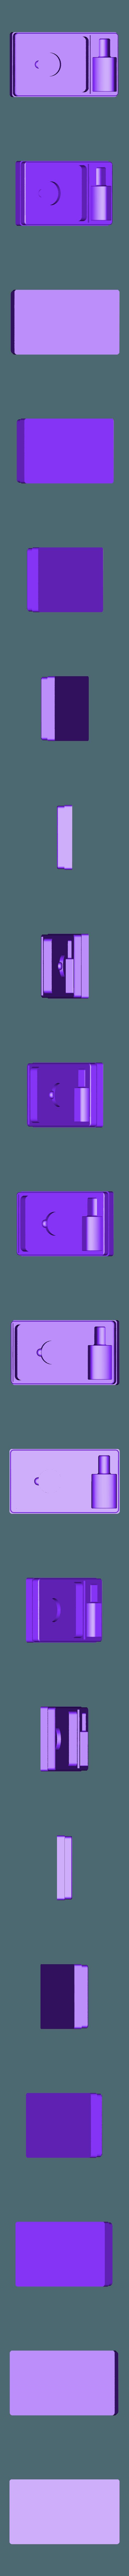 carrom_box_bottom.stl Télécharger fichier STL gratuit Boîte de stockage de Carrom • Modèle imprimable en 3D, jp_math